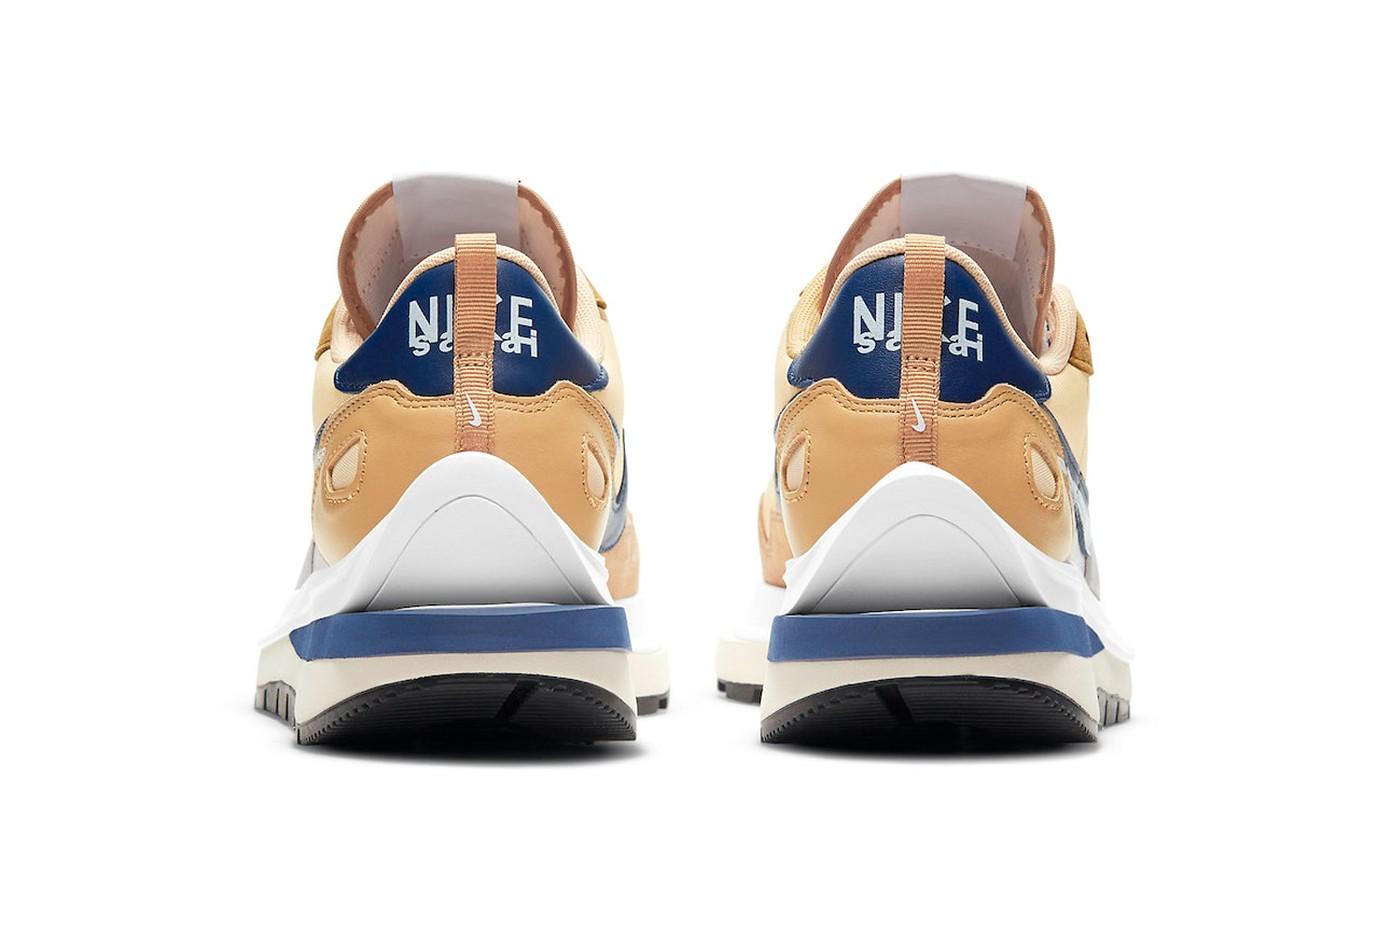 再次成为春夏爆款!sacai x Nike Vaporwaffle「Sesame」公布发售资讯及官方近照!插图4